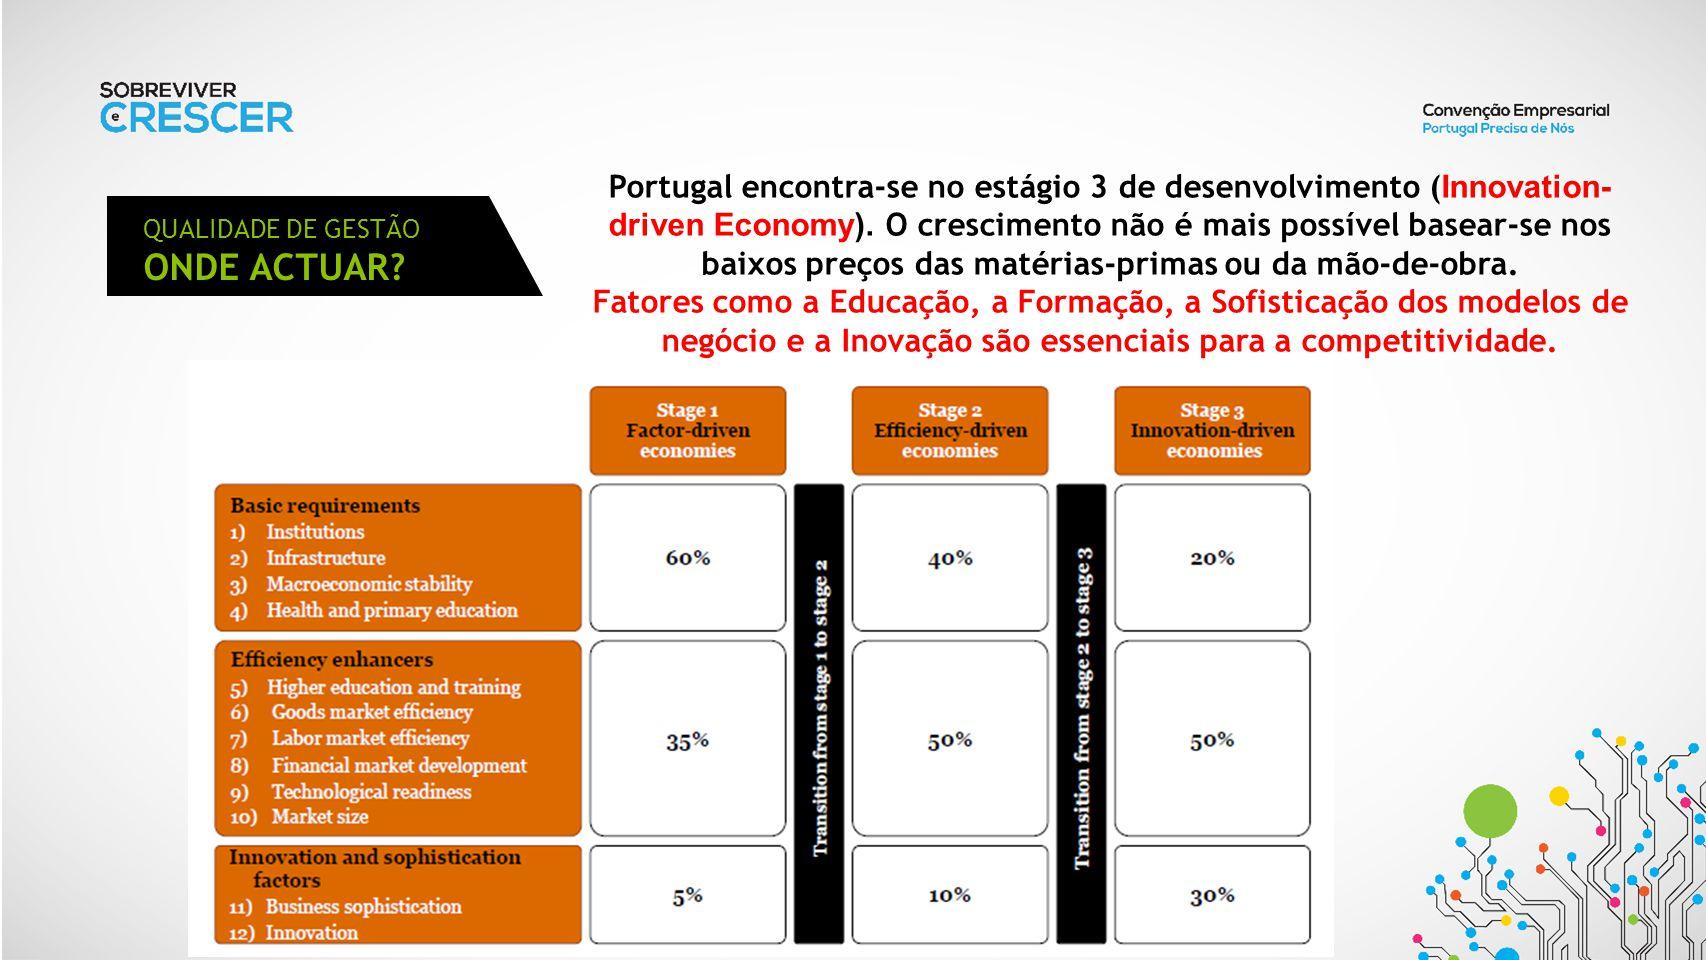 Portugal encontra-se no estágio 3 de desenvolvimento (Innovation-driven Economy). O crescimento não é mais possível basear-se nos baixos preços das matérias-primas ou da mão-de-obra.